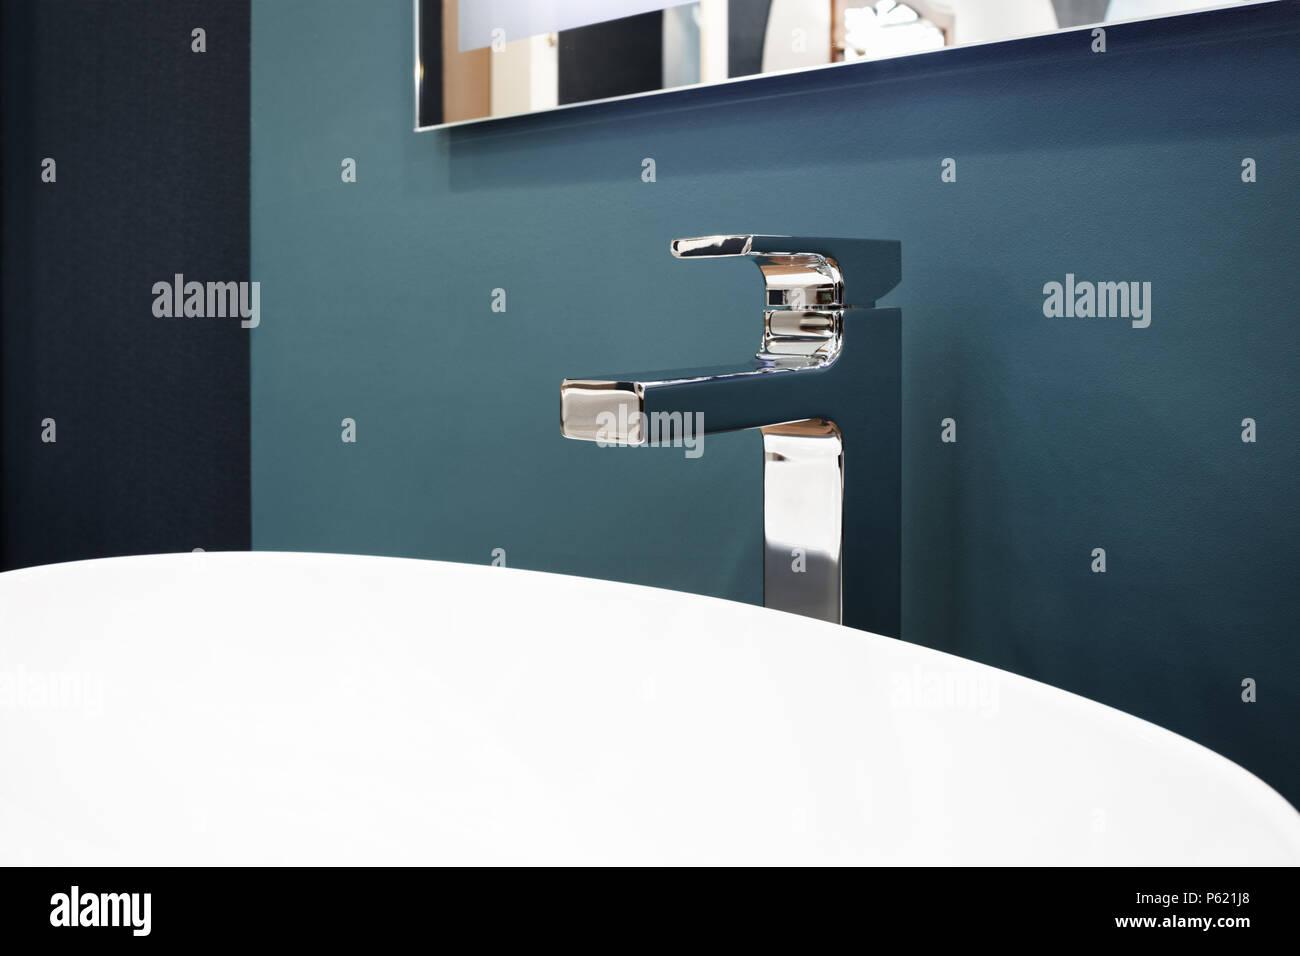 Luxuriöse, moderne Stil Wasserhahn Mischpult auf eine weiße, runde ...